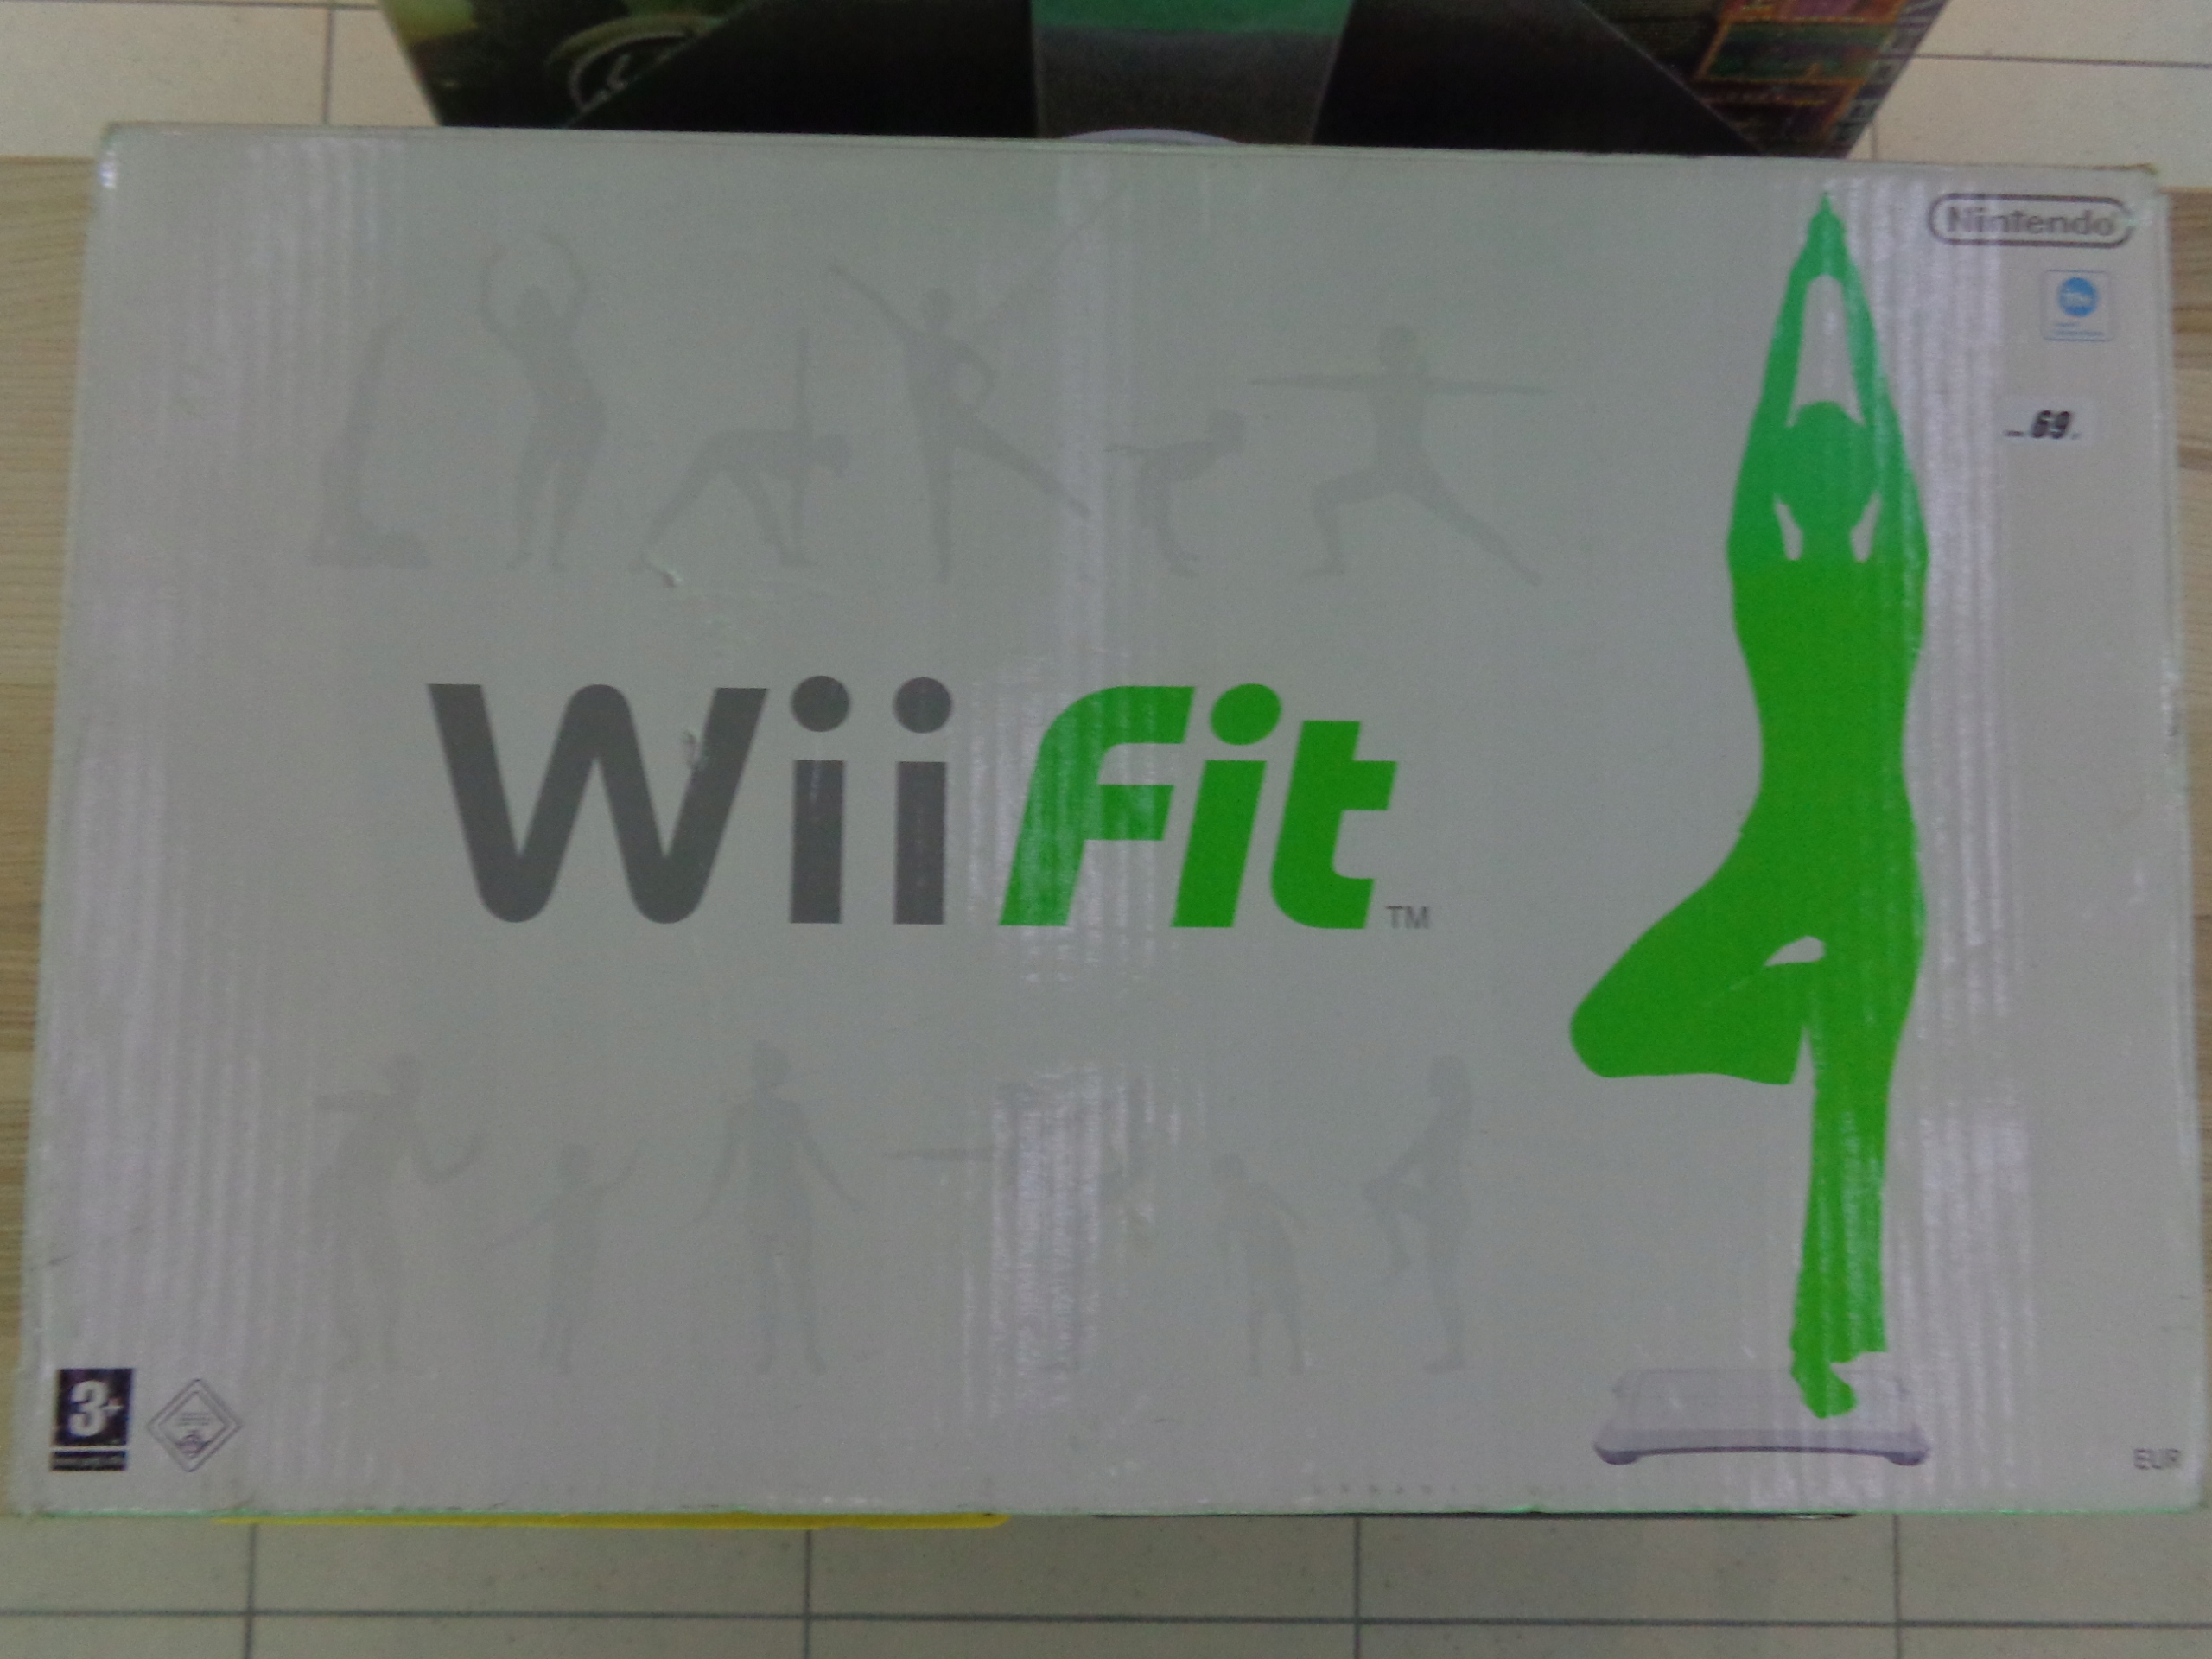 Oryginalny Wii Fit fitness do konsoli Nintendo